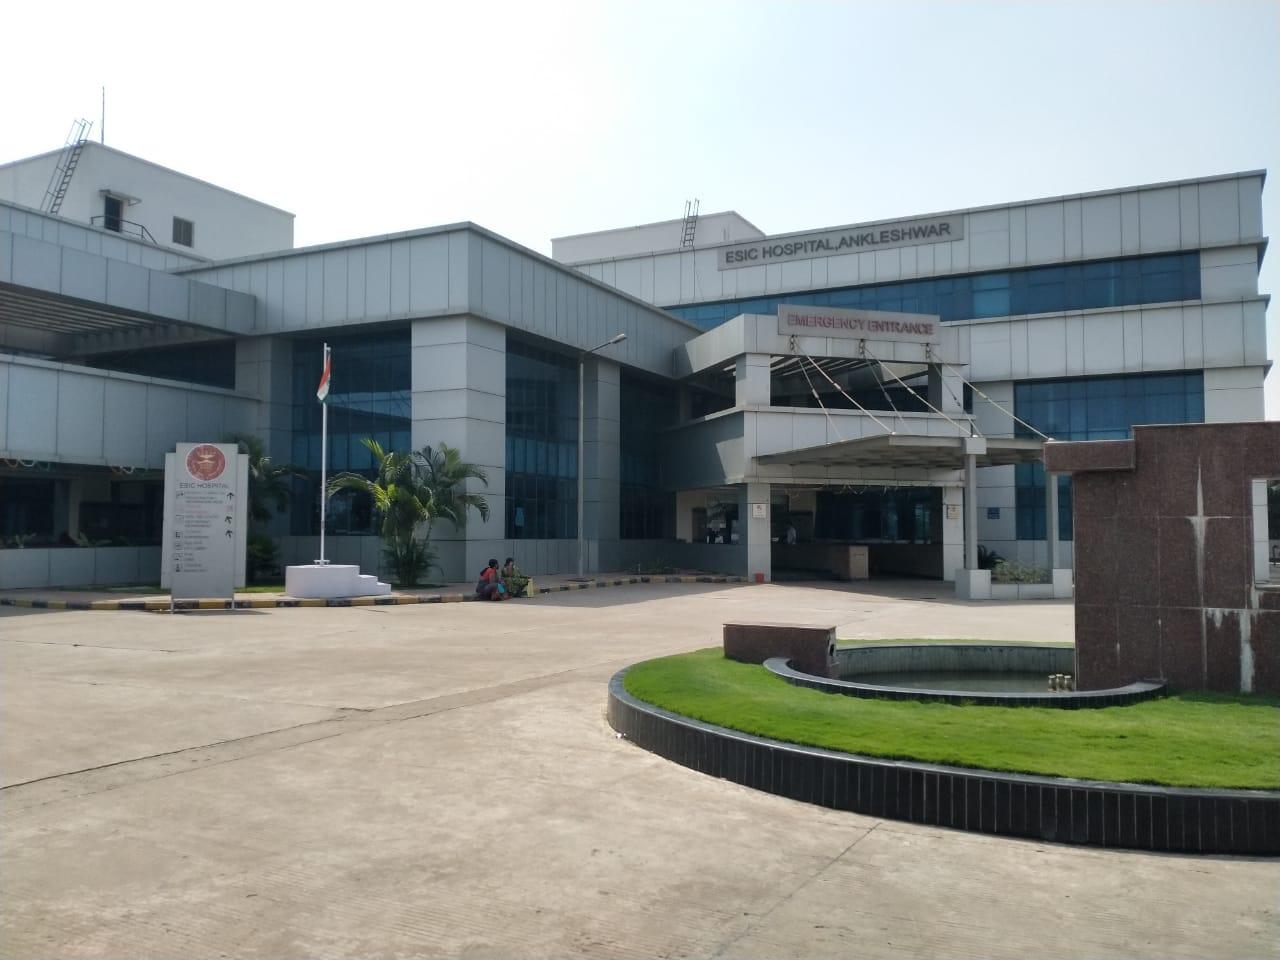 ભરૂચ જિલ્લામાં કોરોનાનું સંક્રમણ વધતા તંત્ર એક્શનમાં, અંકલેશ્વરની ઈએસઆઈસી હોસ્પિટલને કોવિડ હોસ્પિટલ જાહેર કરાઇ ભરૂચ,Bharuch - Divya Bhaskar